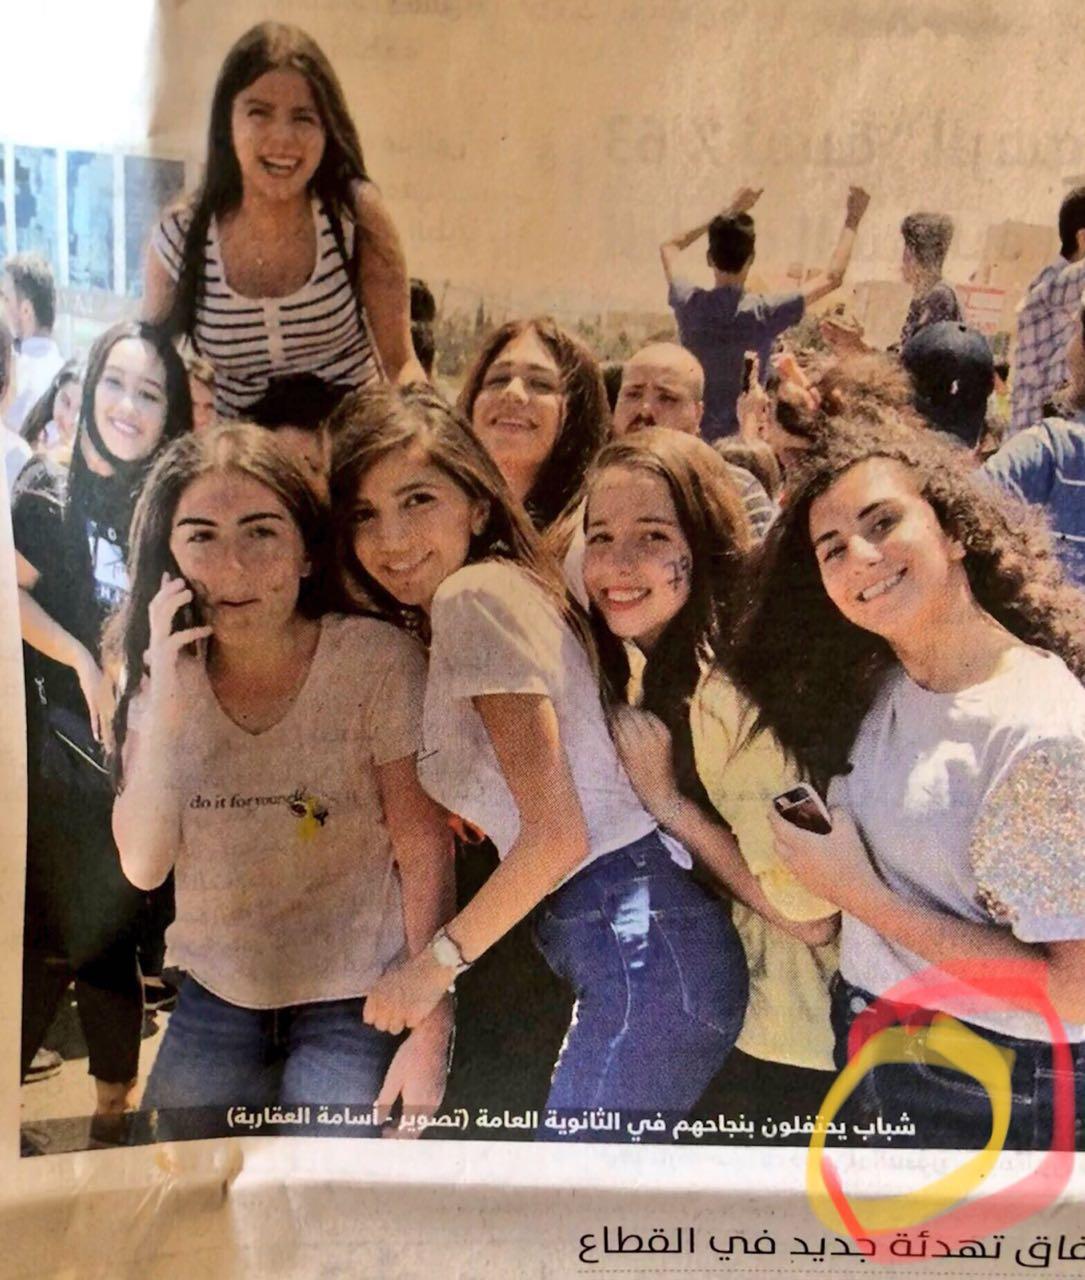 النائب خوري ينتقد الاخطاء الاملائية في صحيفة الرأي  ..  صور